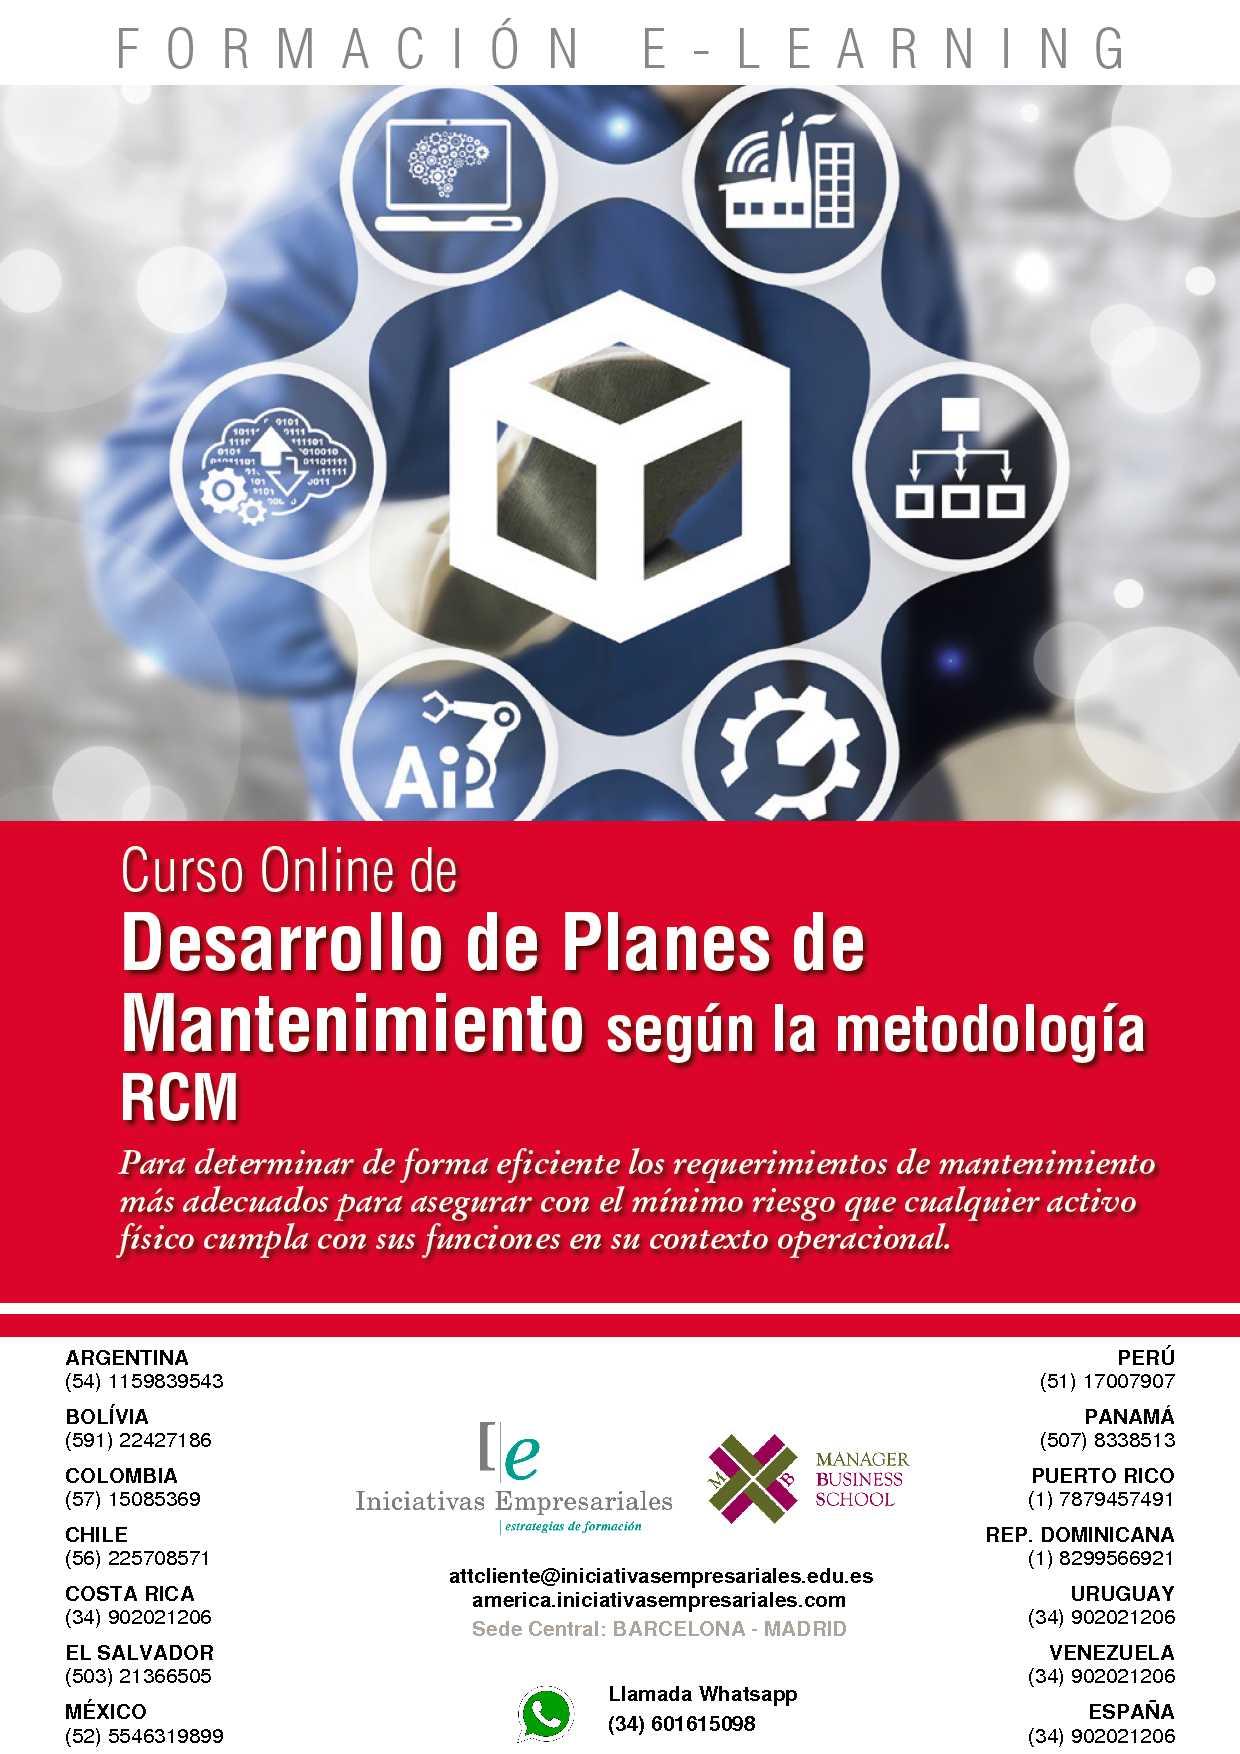 Curso Desarrollo De Planes De Mantenimiento Según La Metodología Rcm